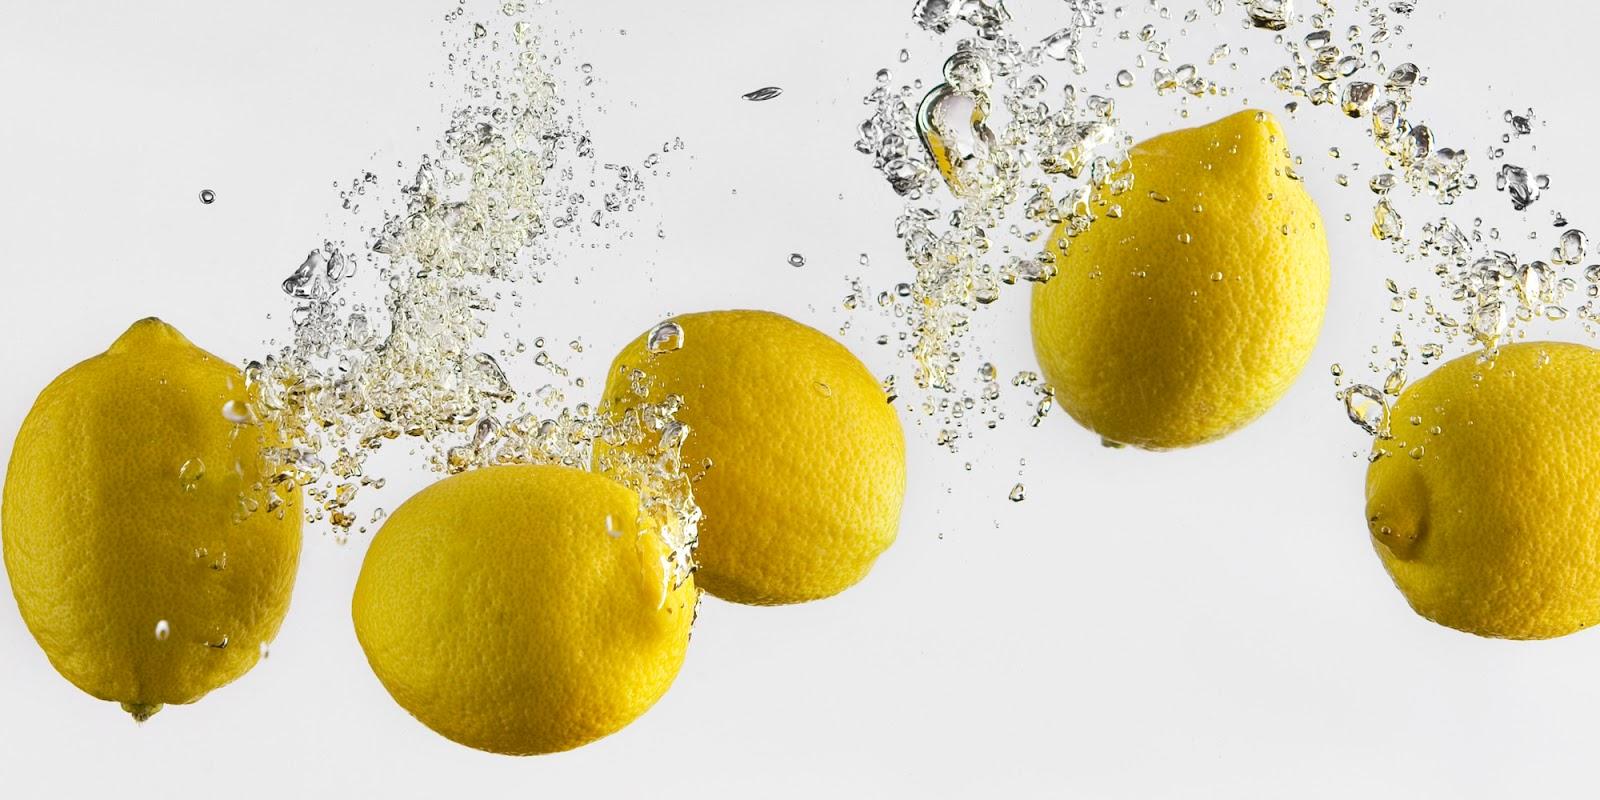 acqua calda limone e zenzero al mattino